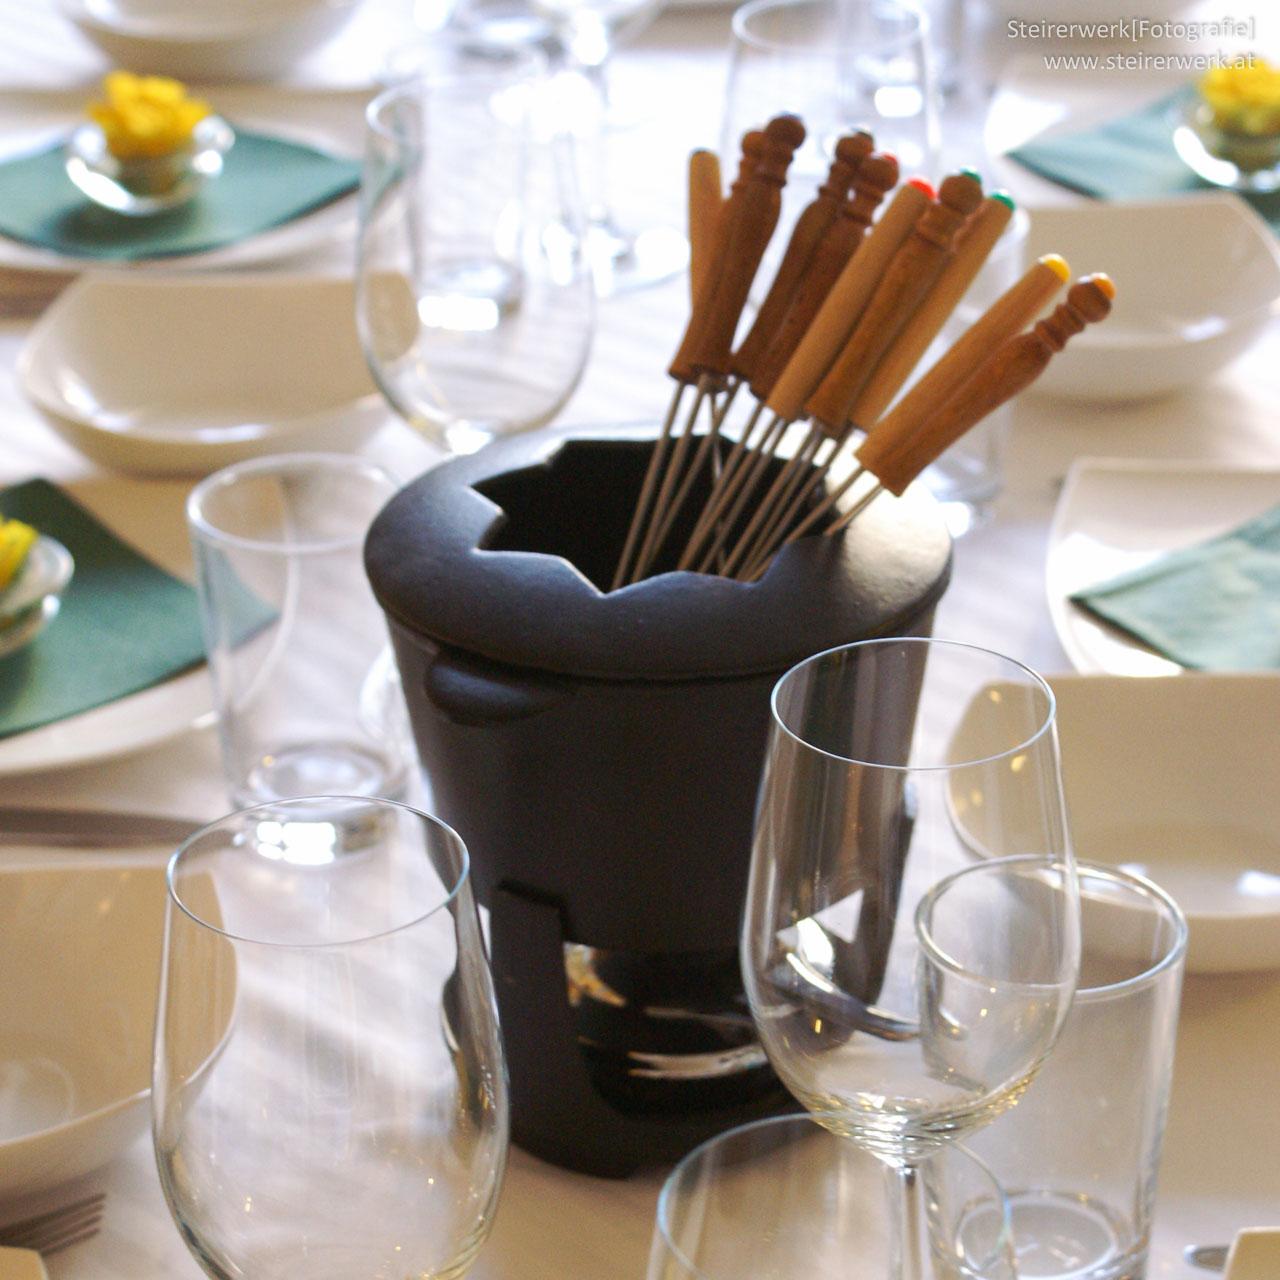 fondue raclette essen beliebt zu silvester zutaten rezepte. Black Bedroom Furniture Sets. Home Design Ideas